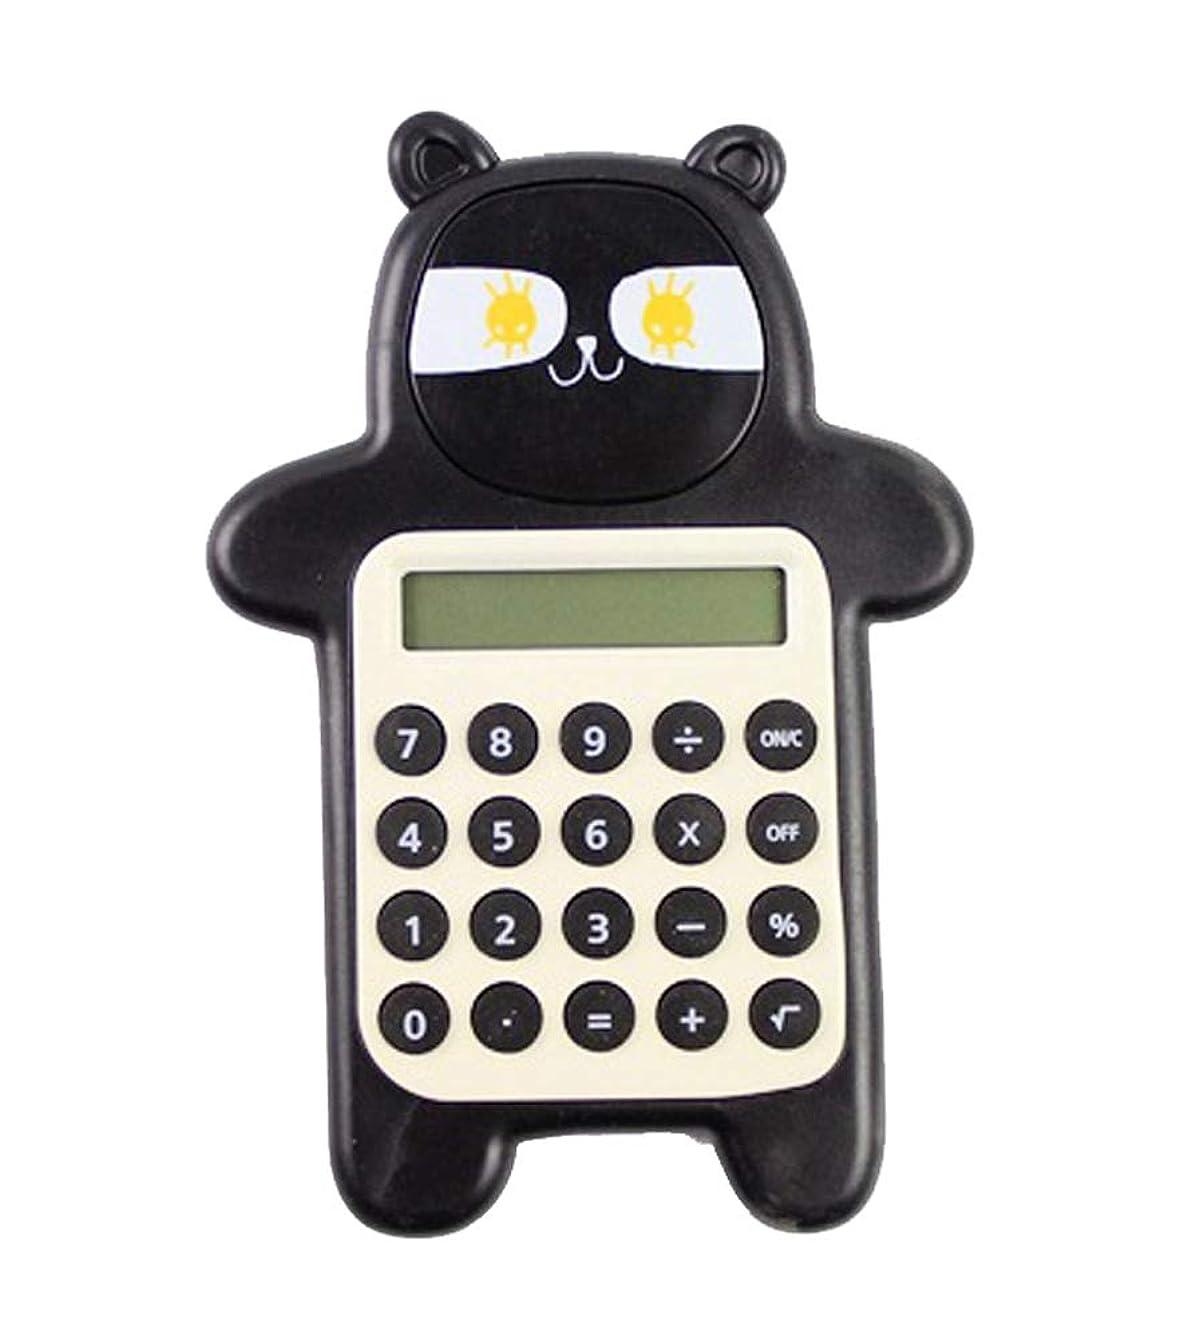 超高層ビル勇気町かわいいクマの形クリエイティブミニ電卓学生電卓、黒A1